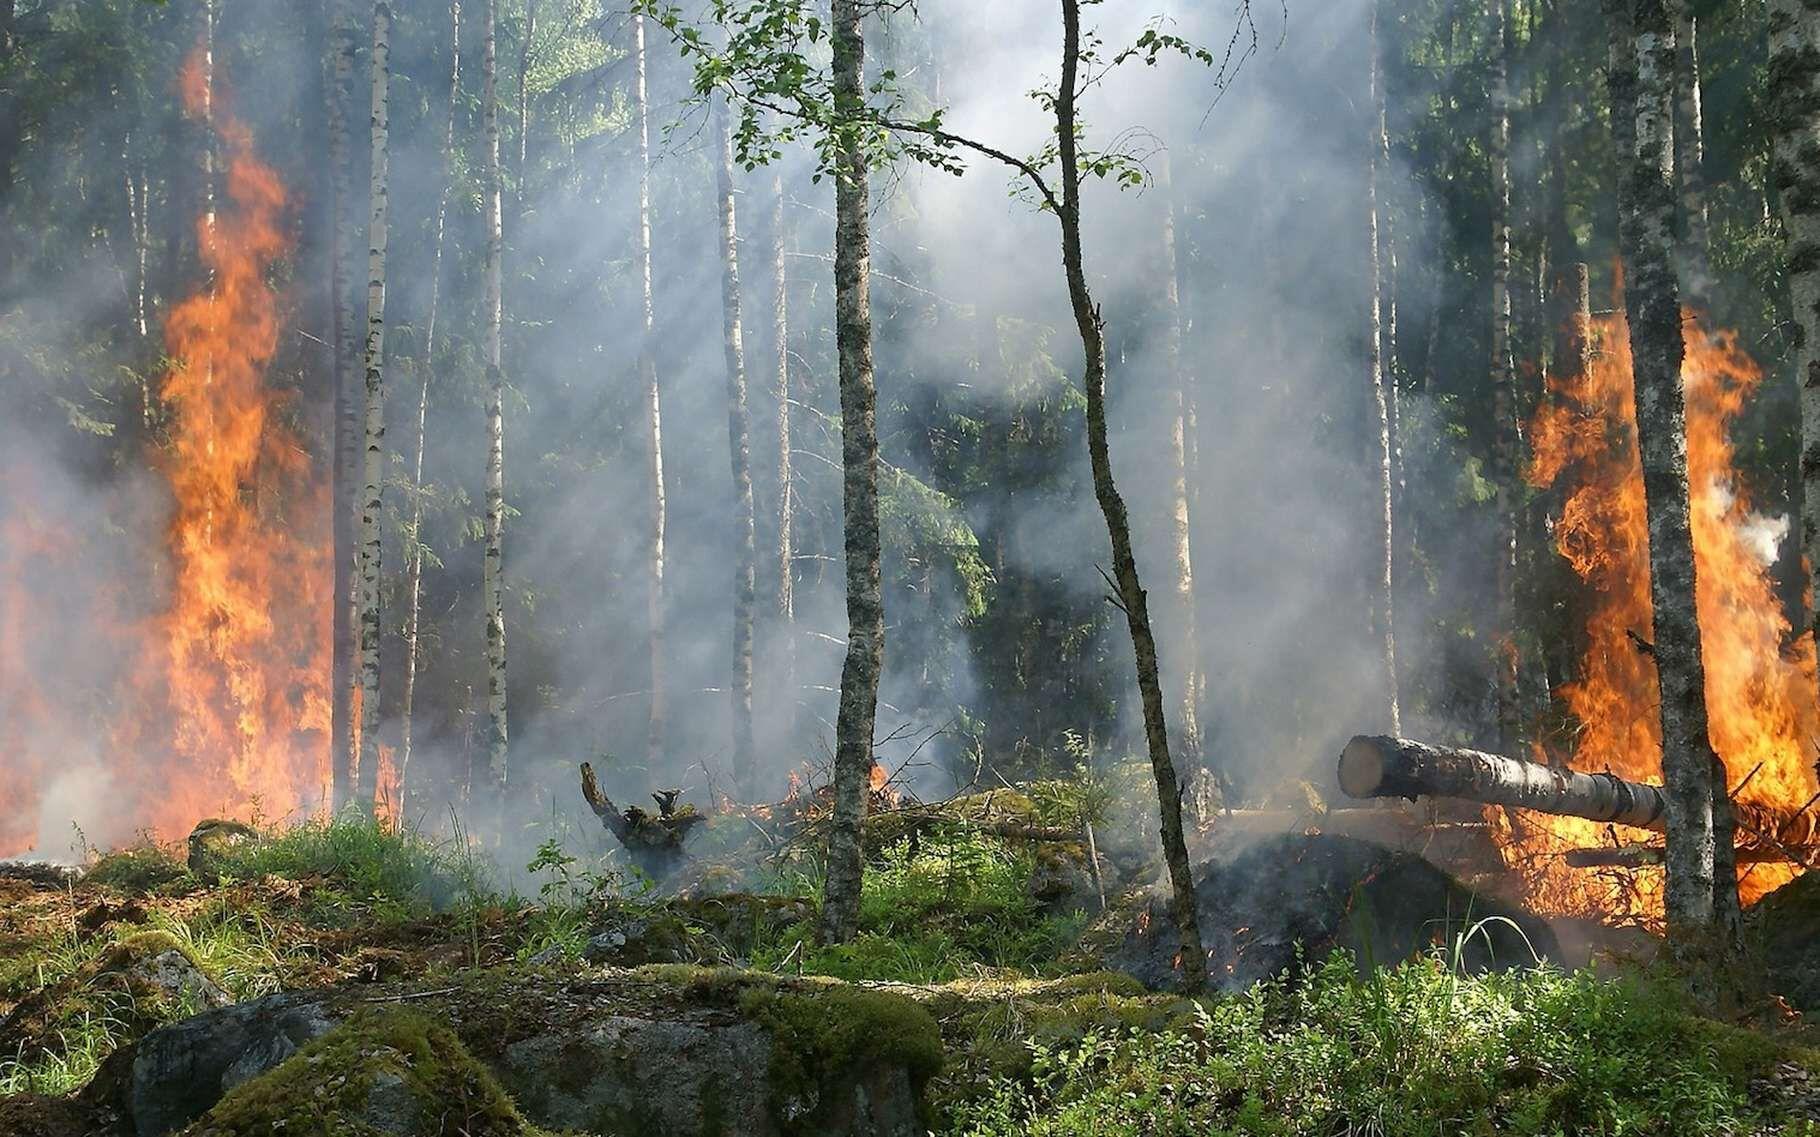 Et les officiels craignent aujourd'hui que ce gigantesque feu de forêt ne puisse pas être contenu avant... le mois de novembre !